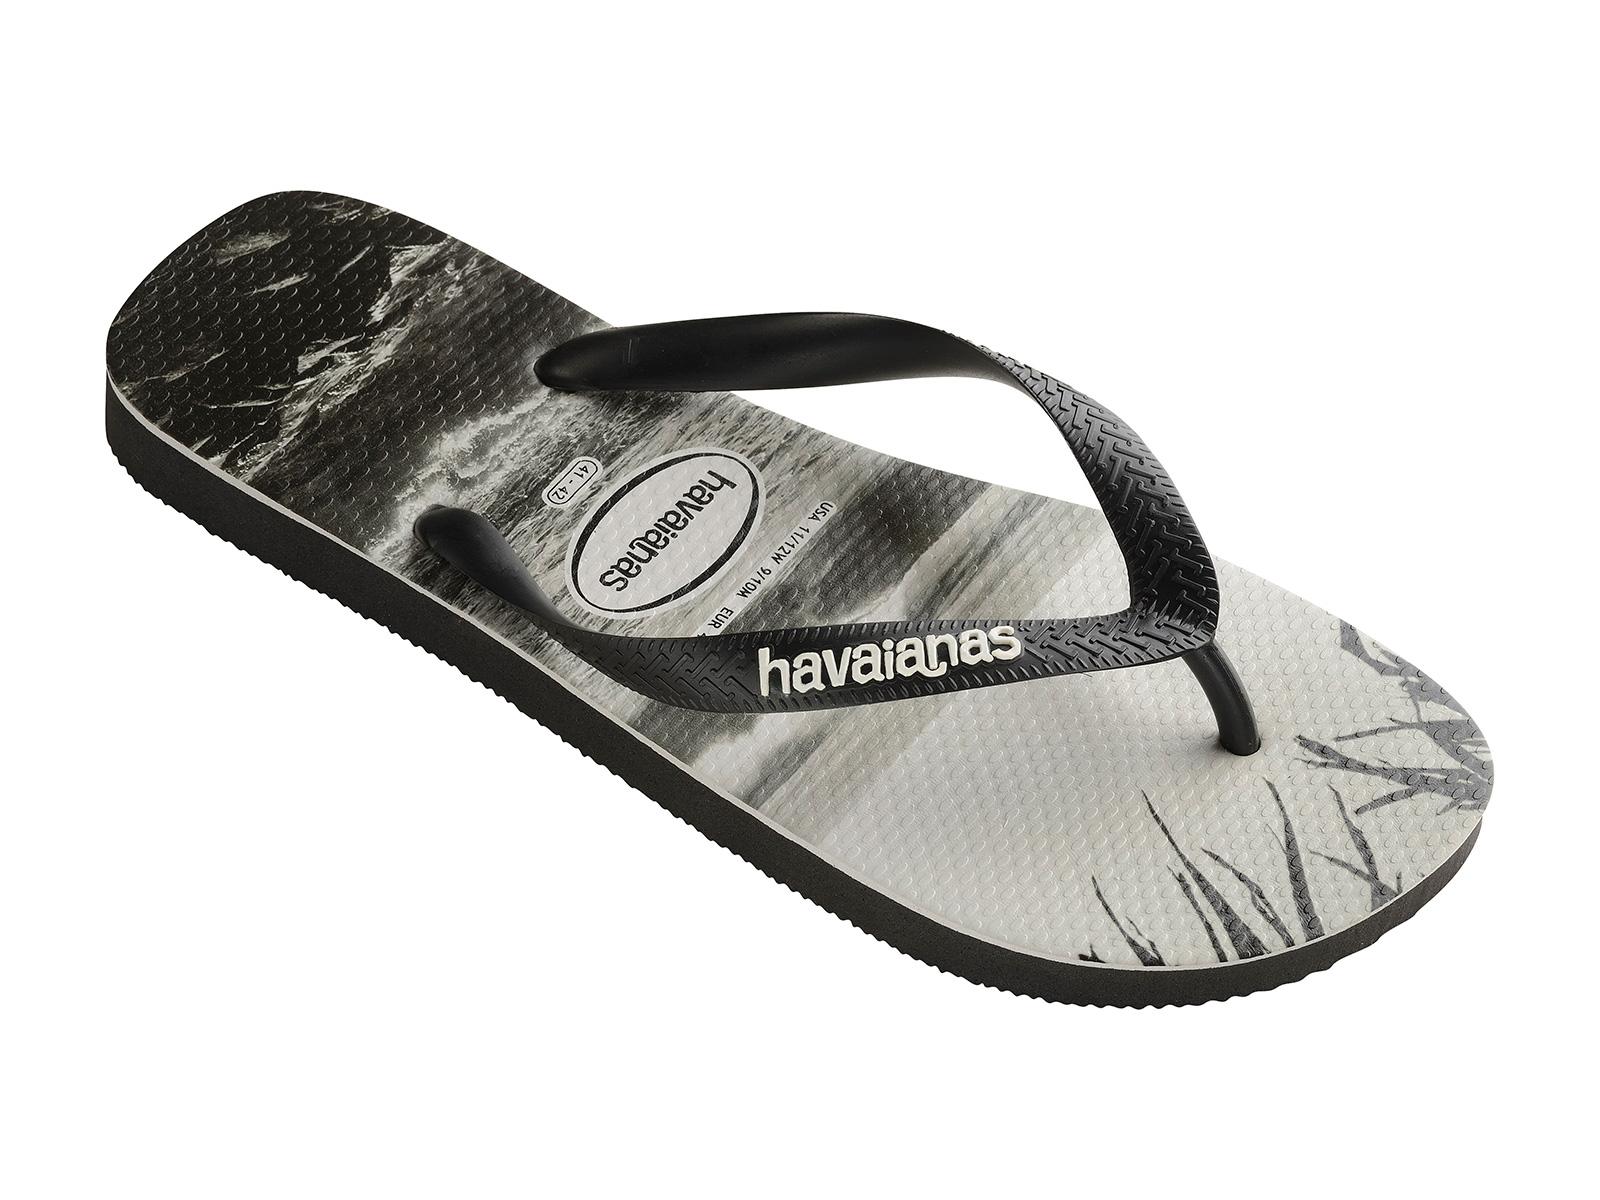 315d80139de5 Flip-Flops Flip-flops - Havaianas Top Photoprint Black